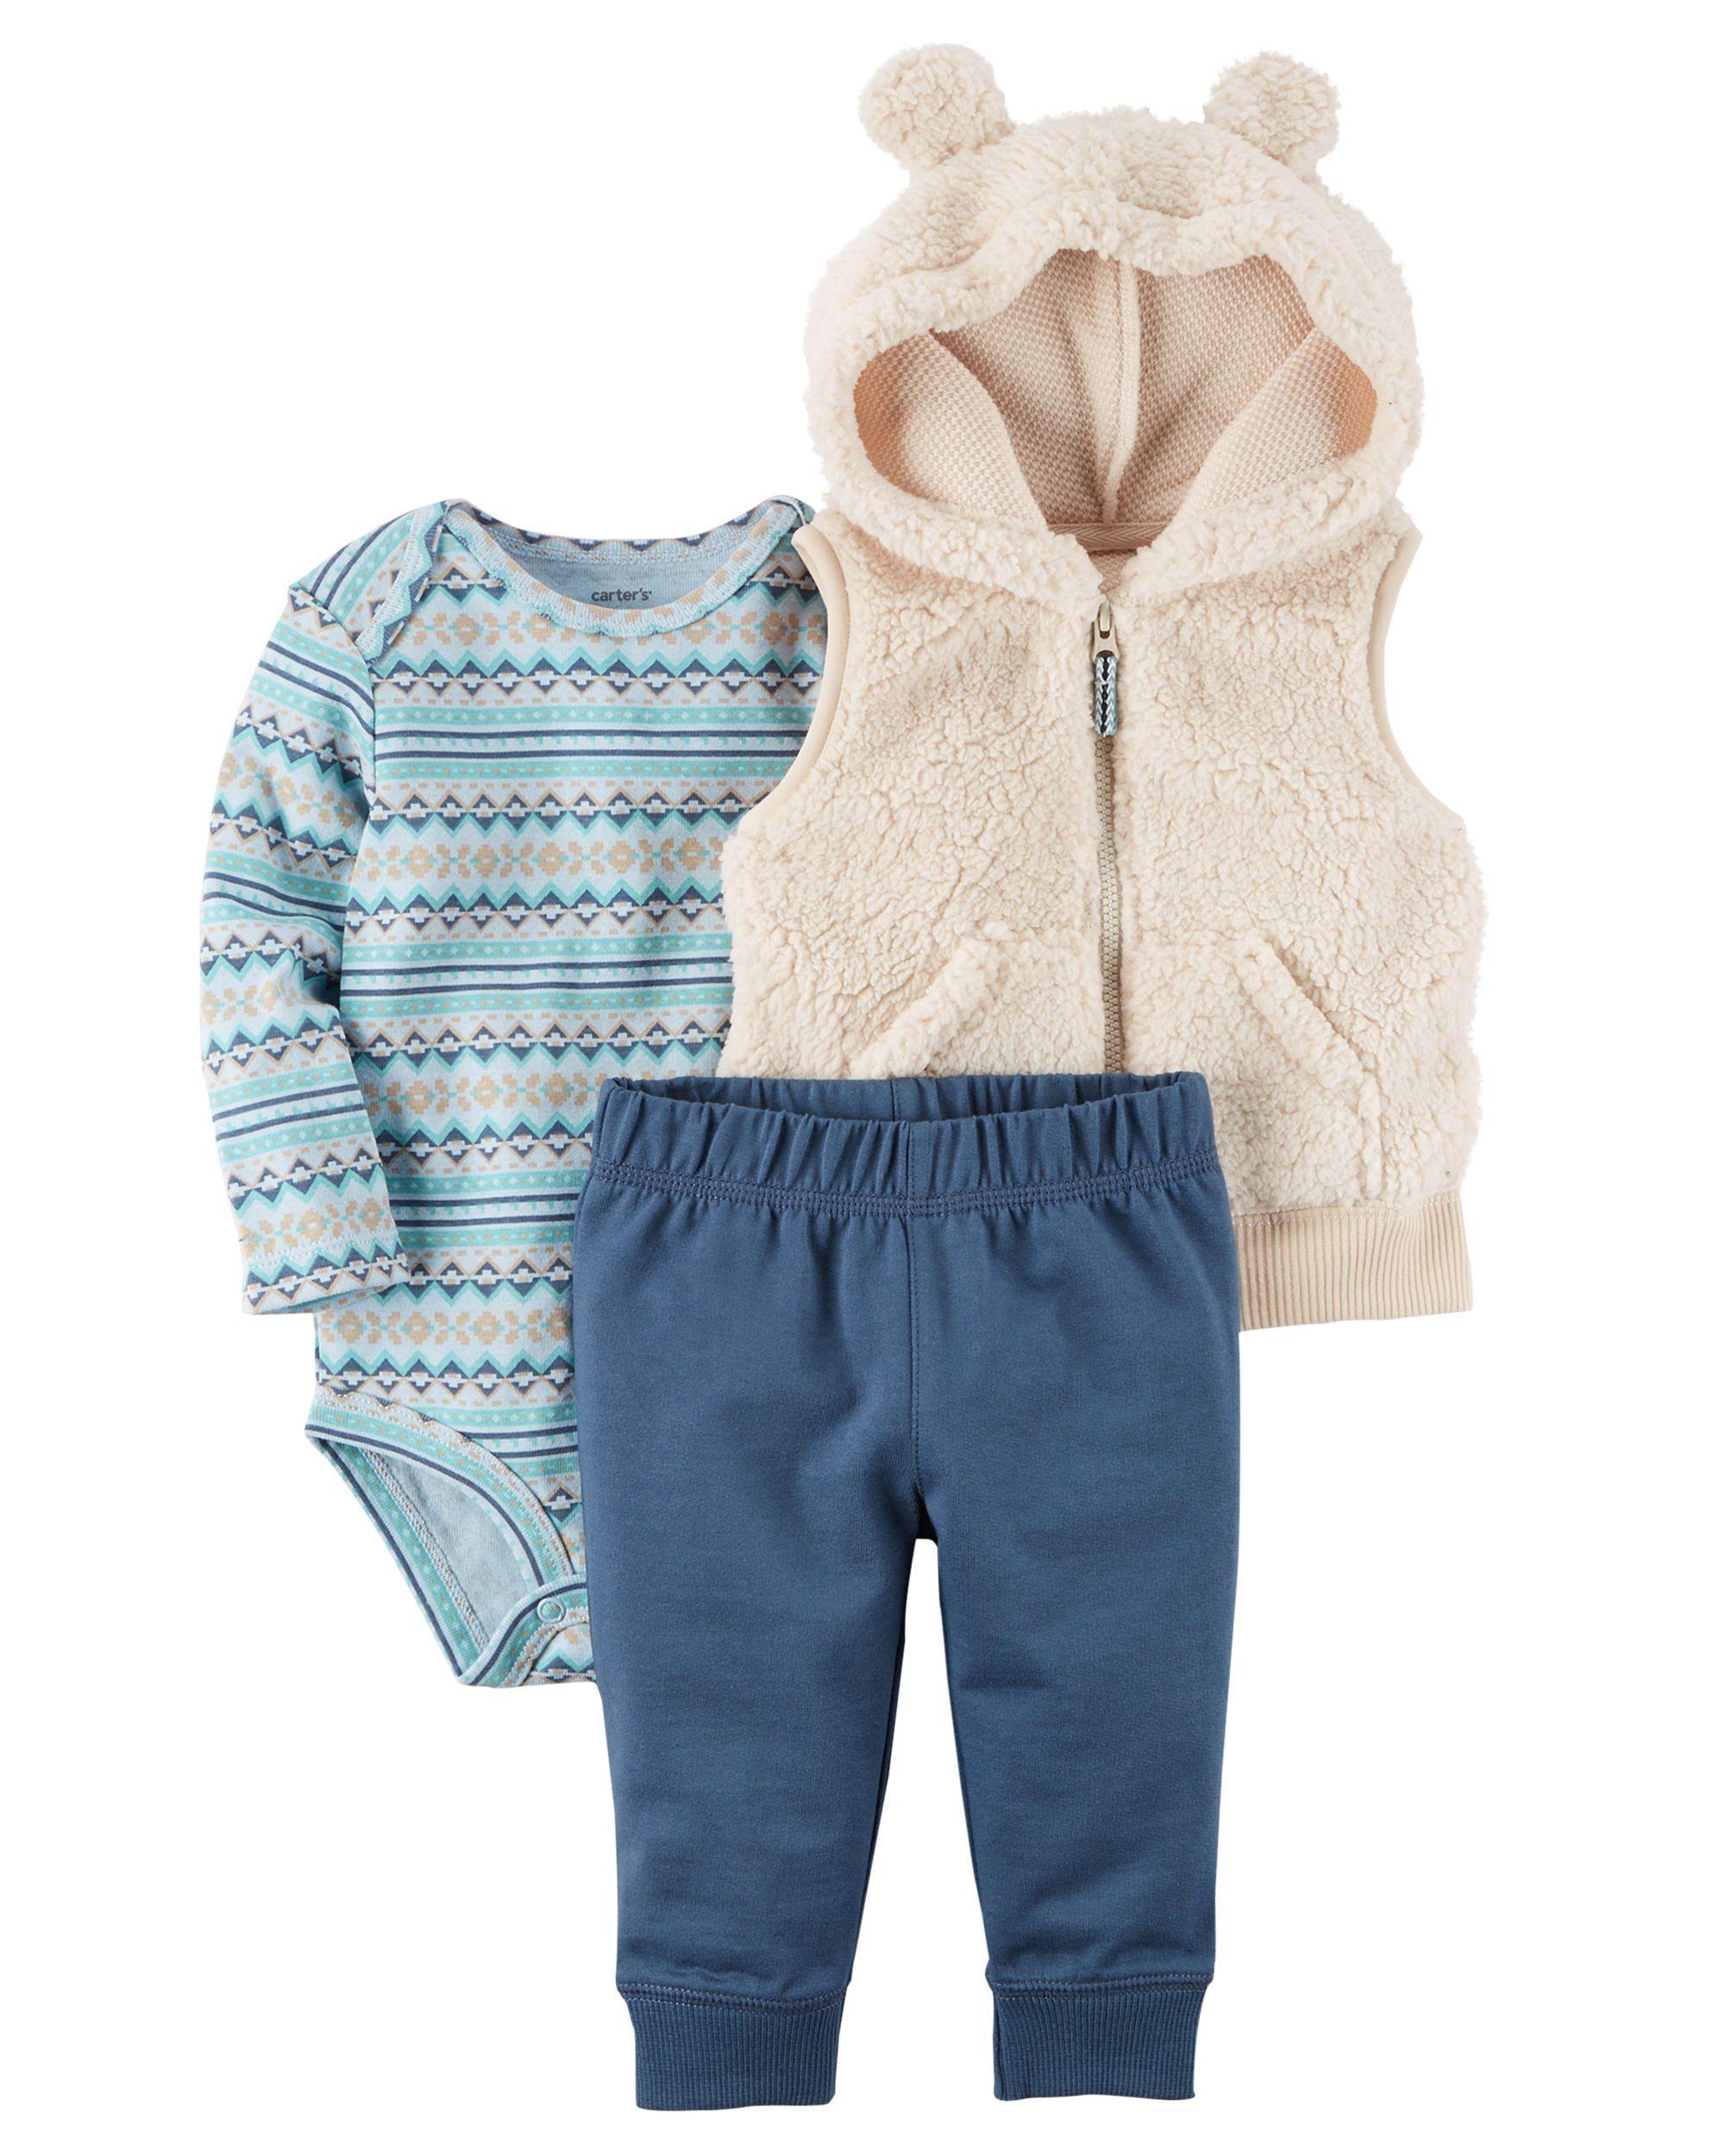 81d27e7f2 Carters Baby Boys 3 Piece Bear Vest Little Vest Set 3 months Ivory ...